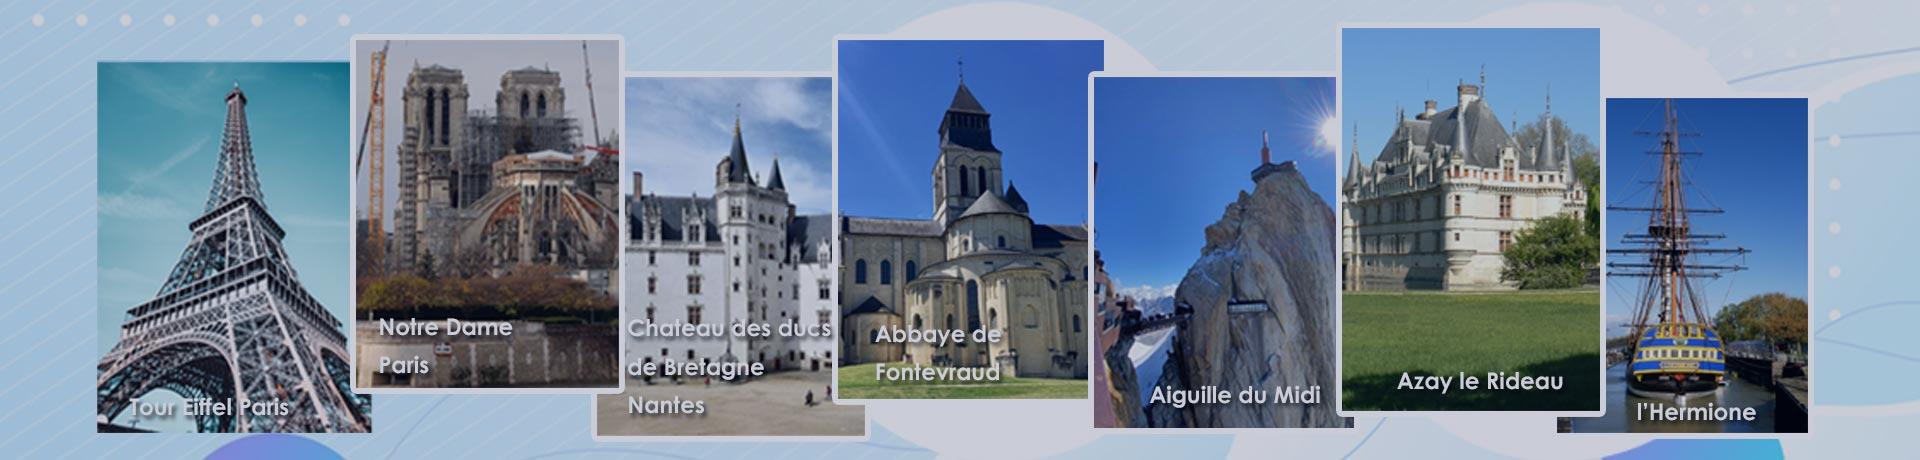 Différents monuments français